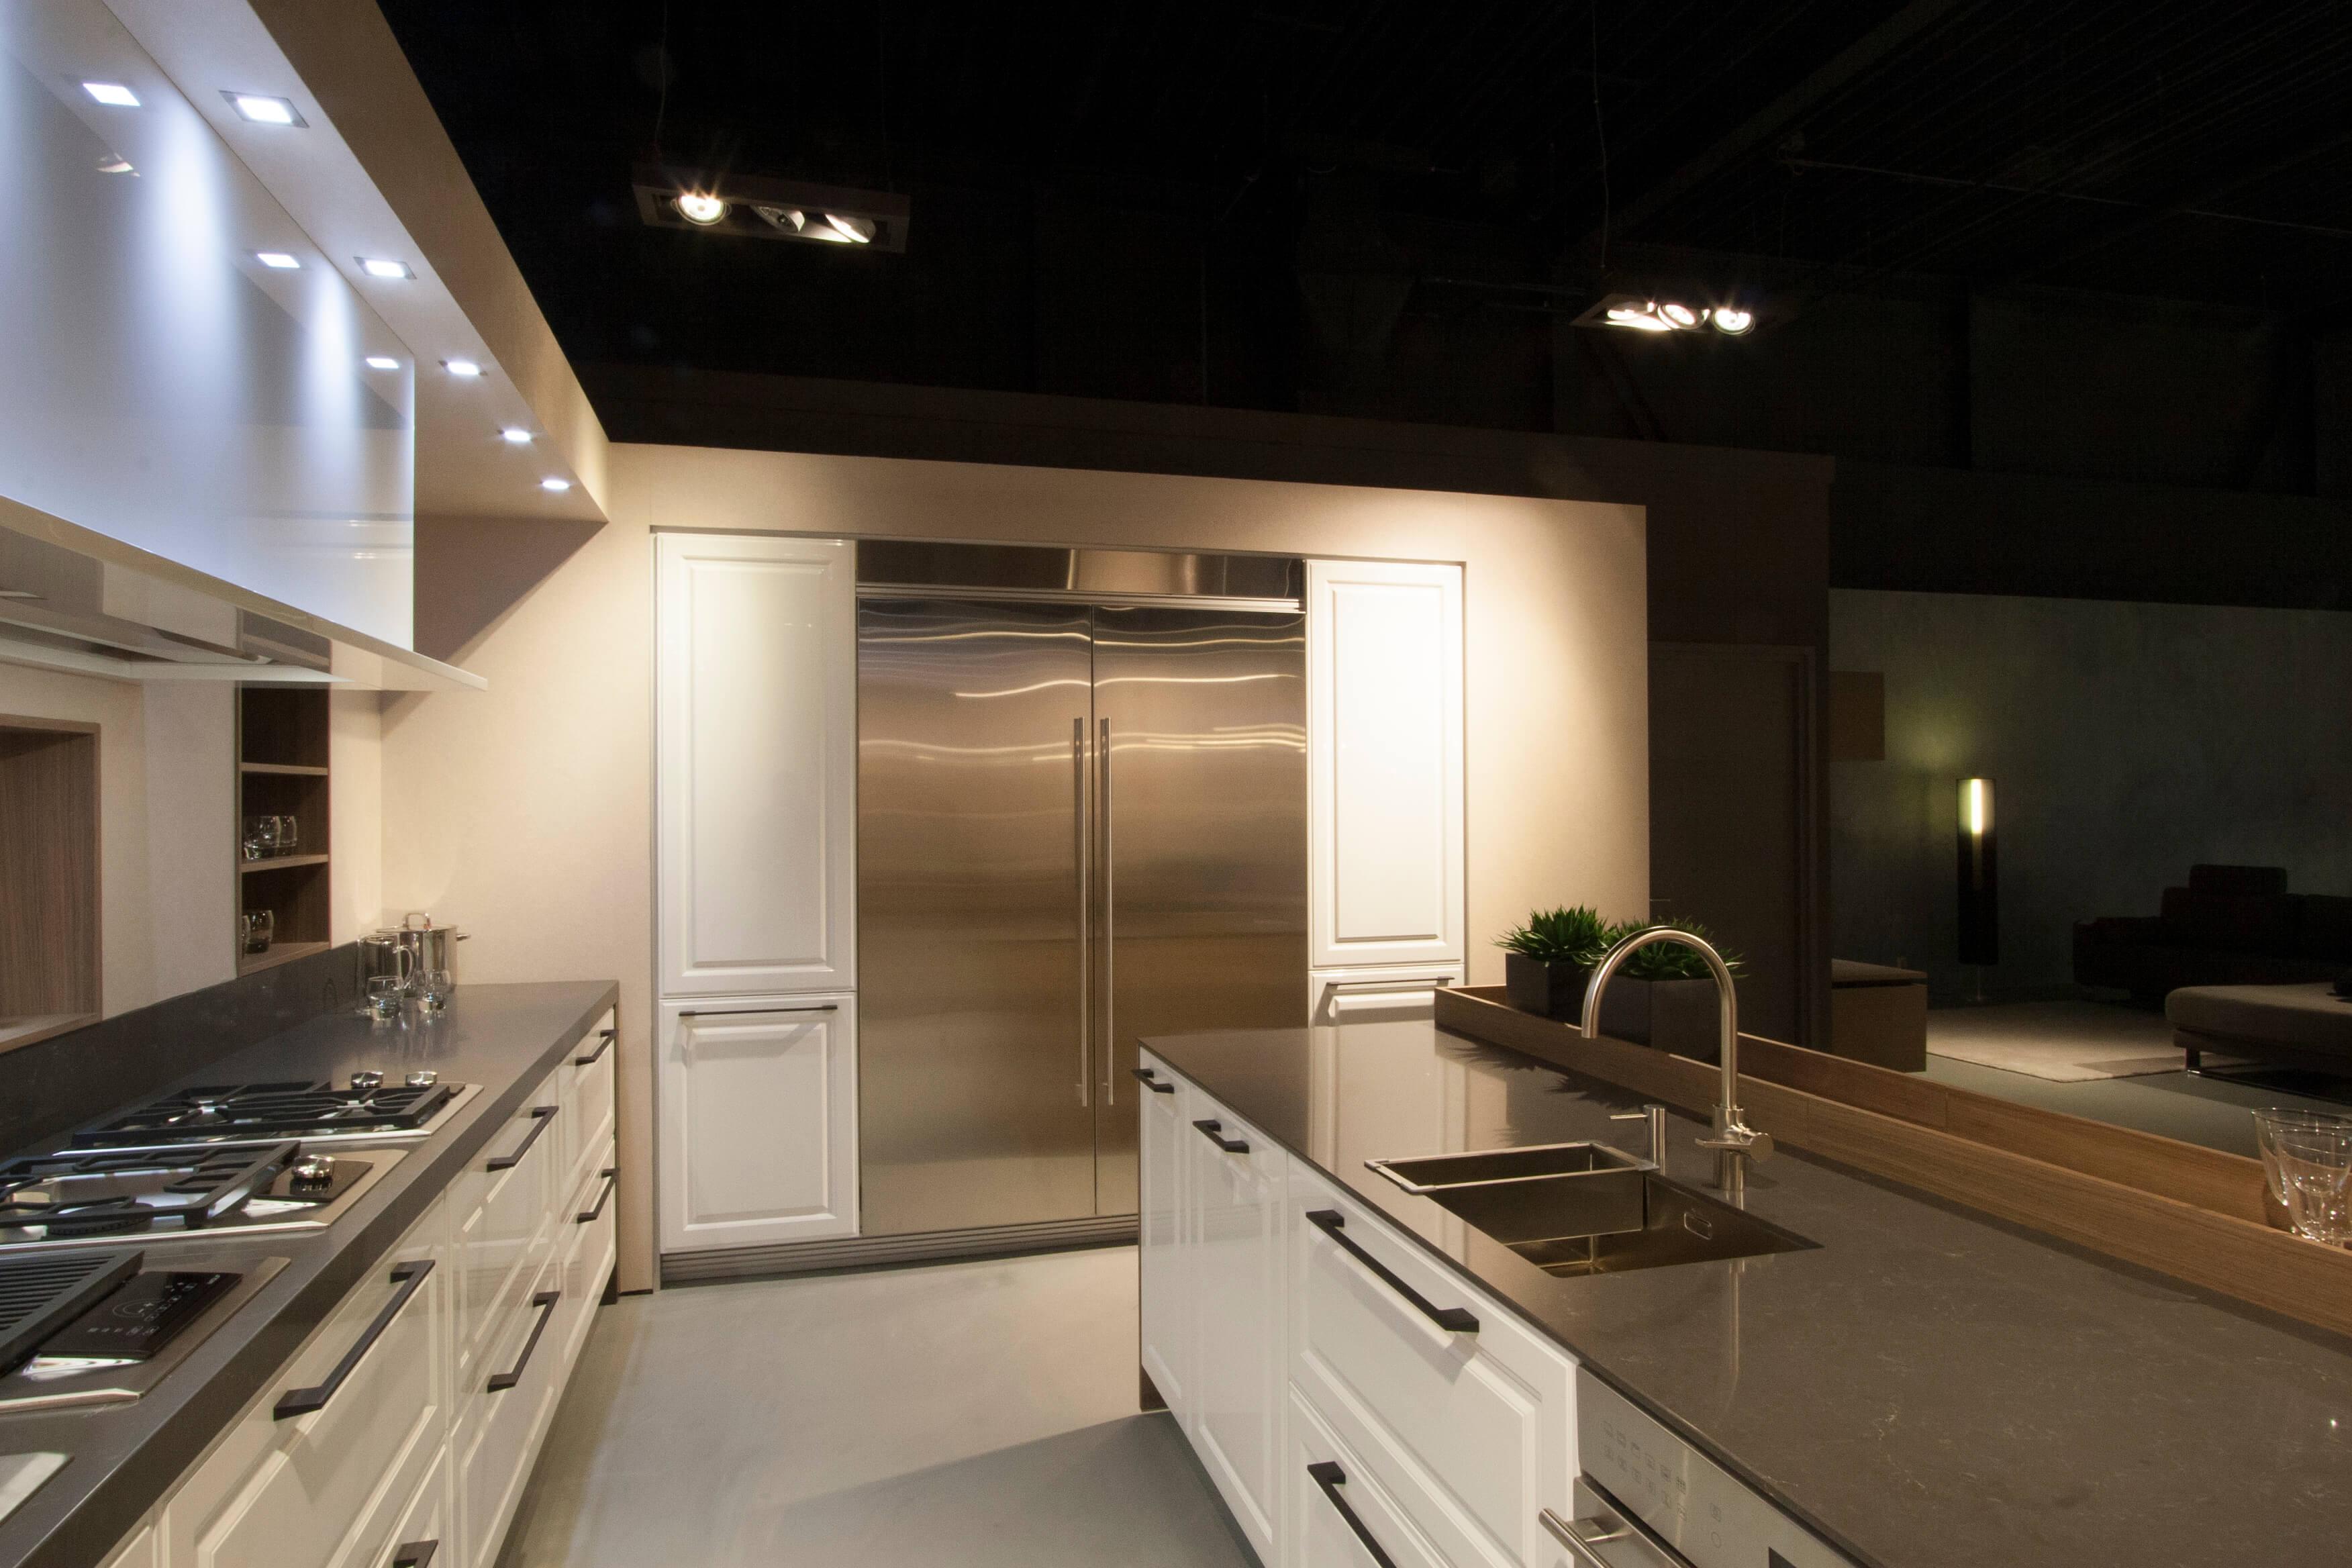 Keuken Modern Klassiek : Moderne keukens. Showroommodel bij Poggenpohl.